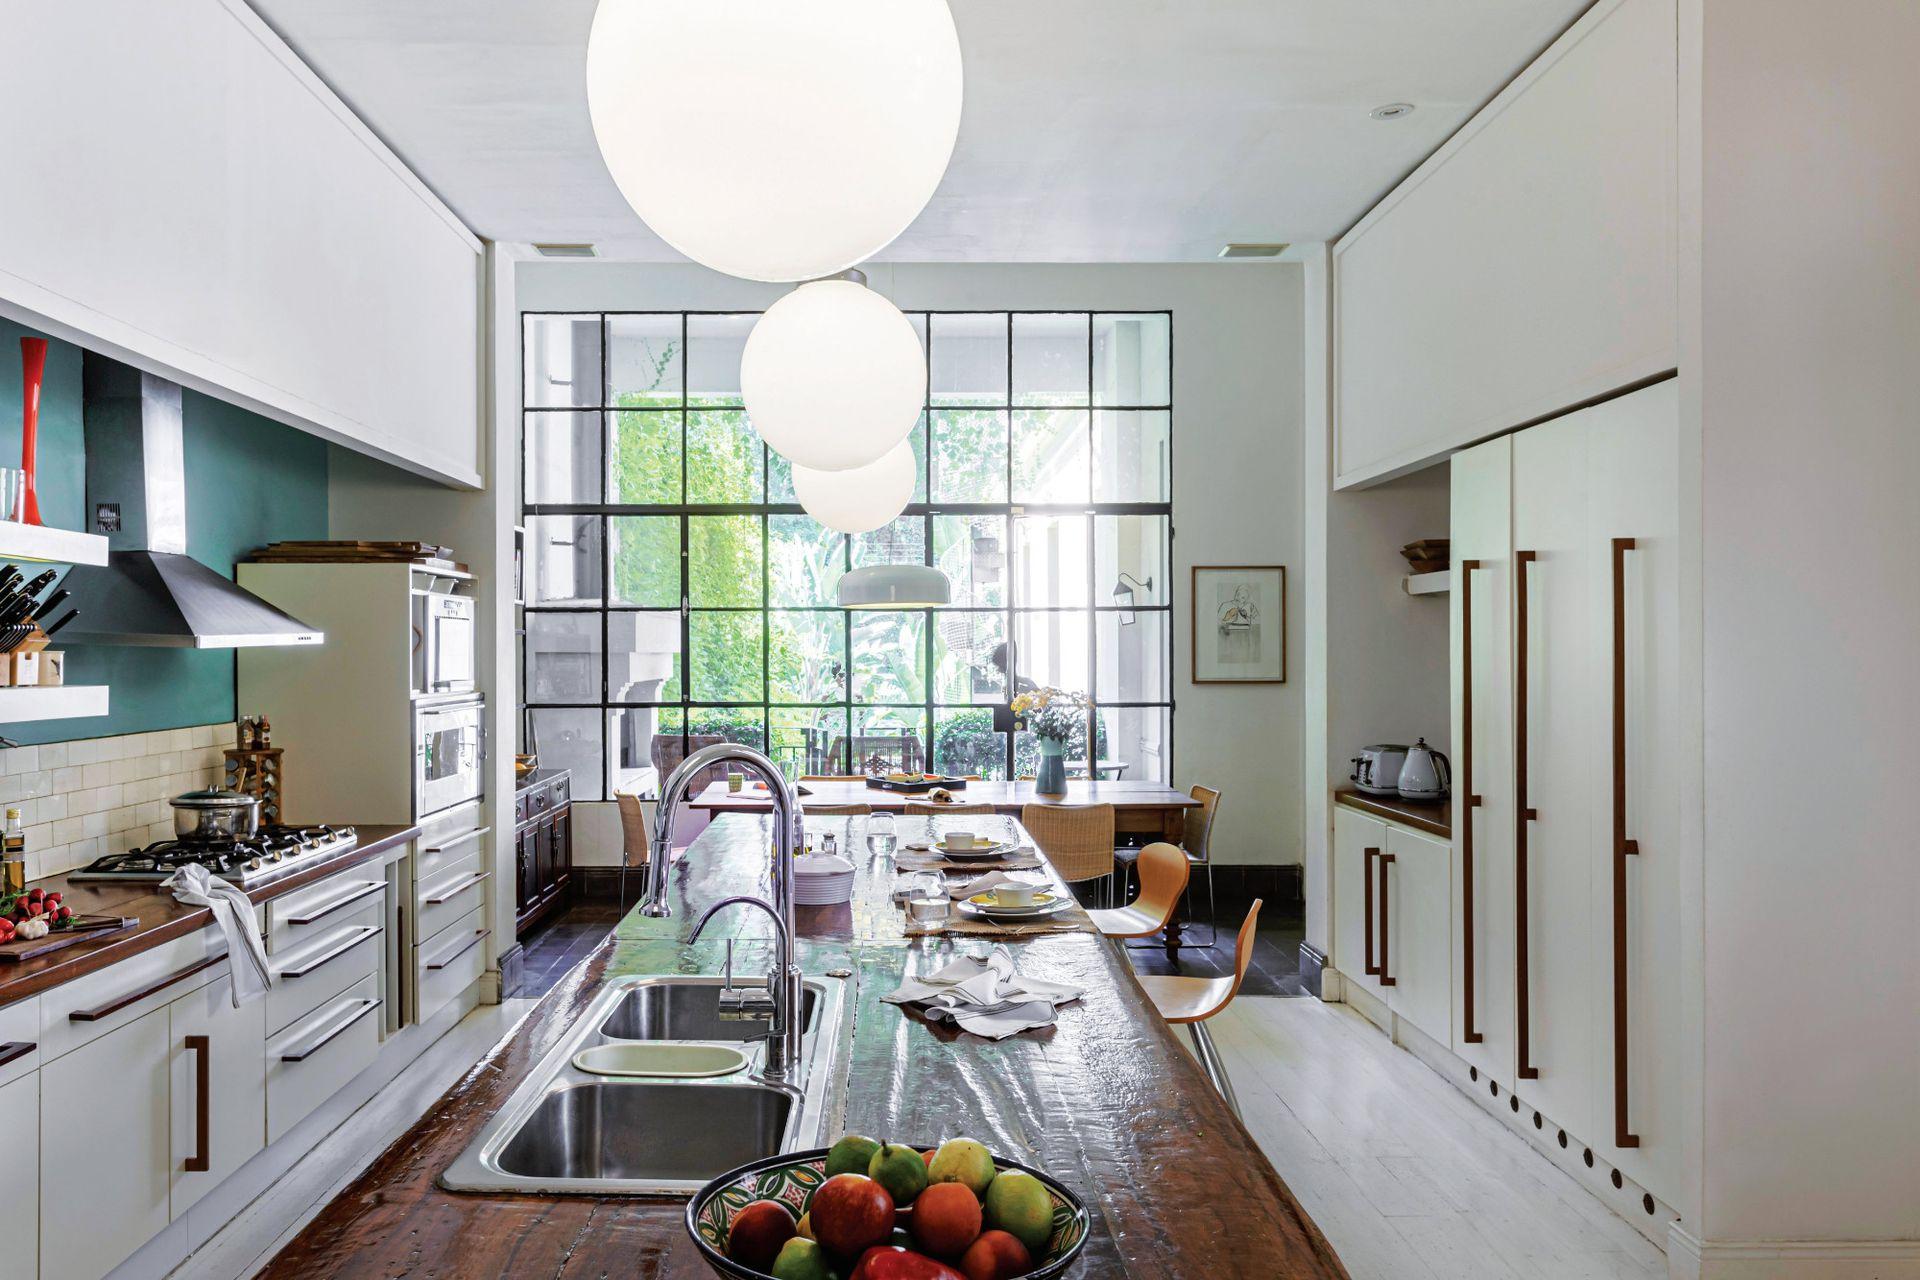 El piso de madera de la cocina se prolonga en calcáreos en el comedor diario. El cerramiento de hierro y vidrio repartido es parte de la reforma anterior. Da a la chimenea-parrilla y al jardín.